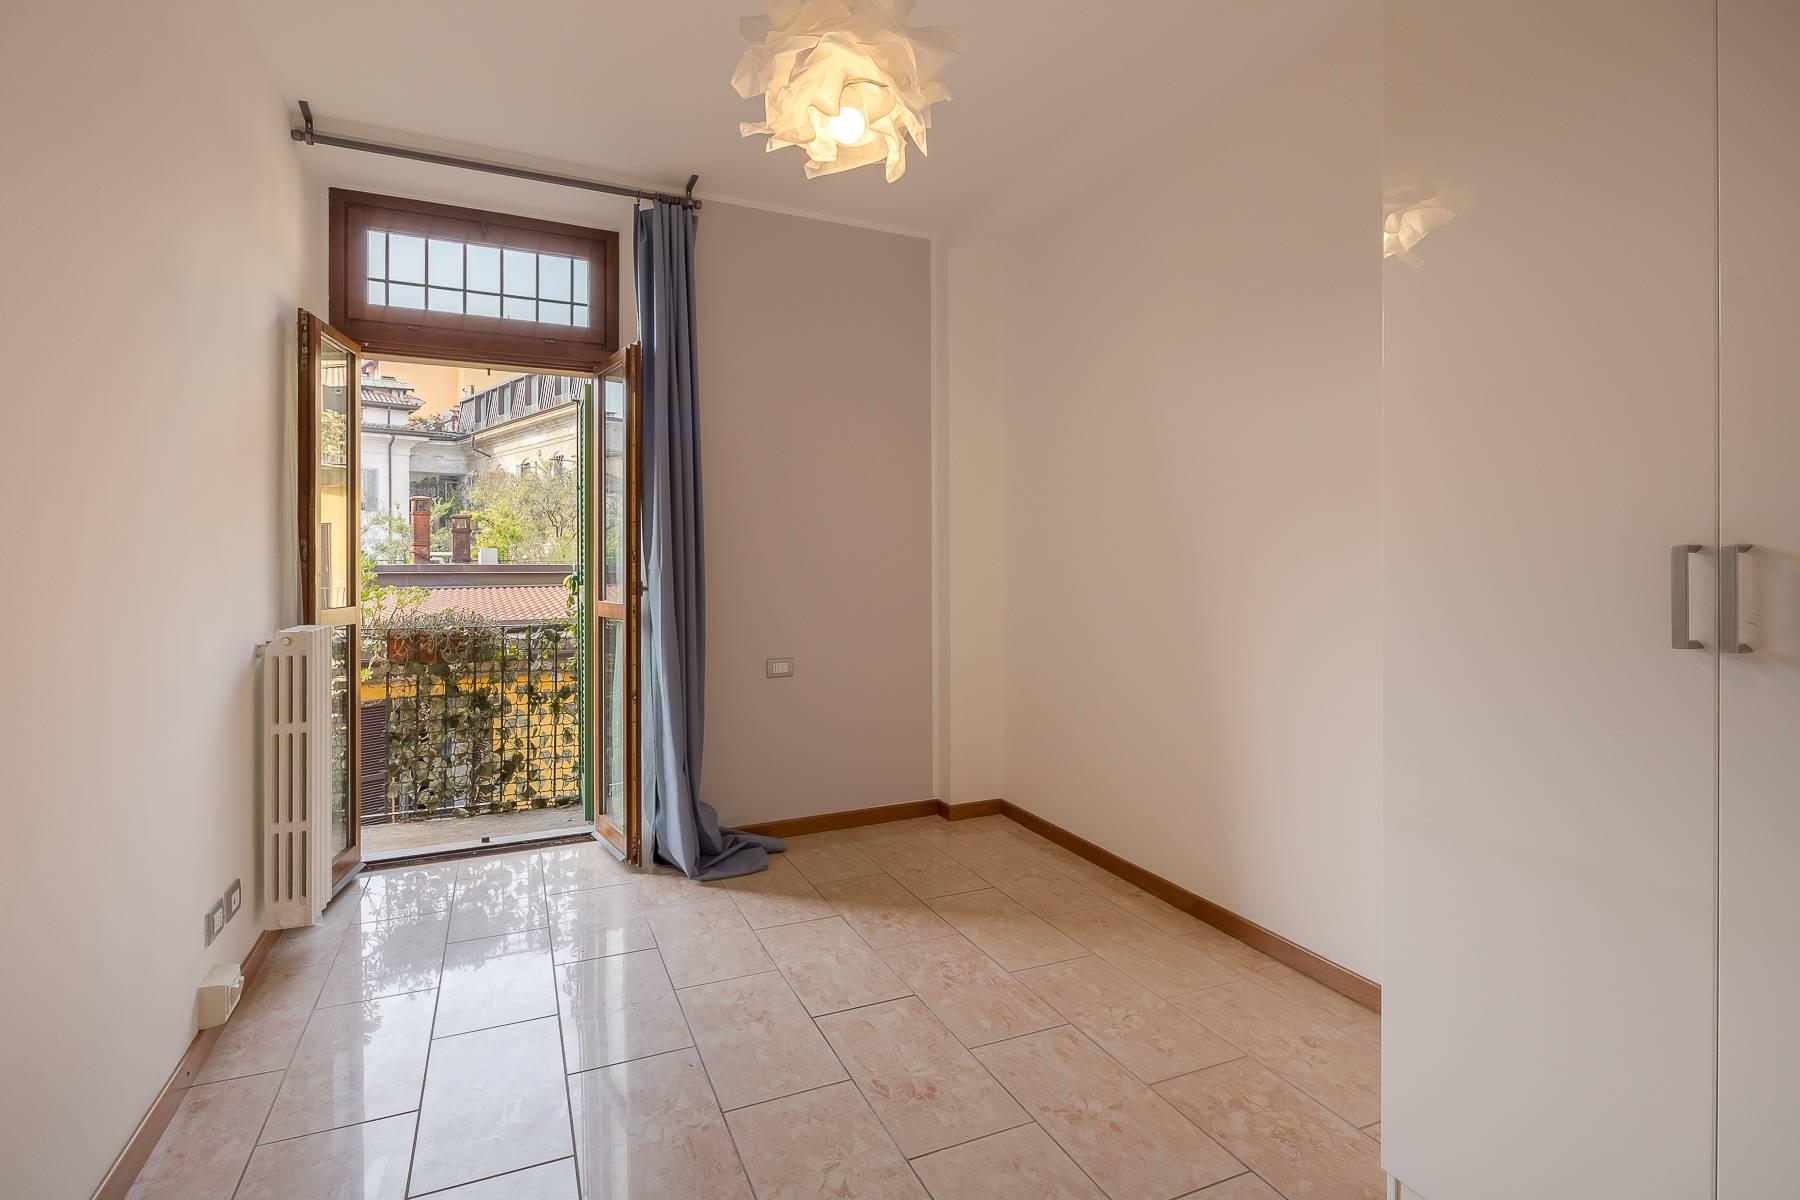 Appartamento in Affitto a Milano: 4 locali, 120 mq - Foto 23